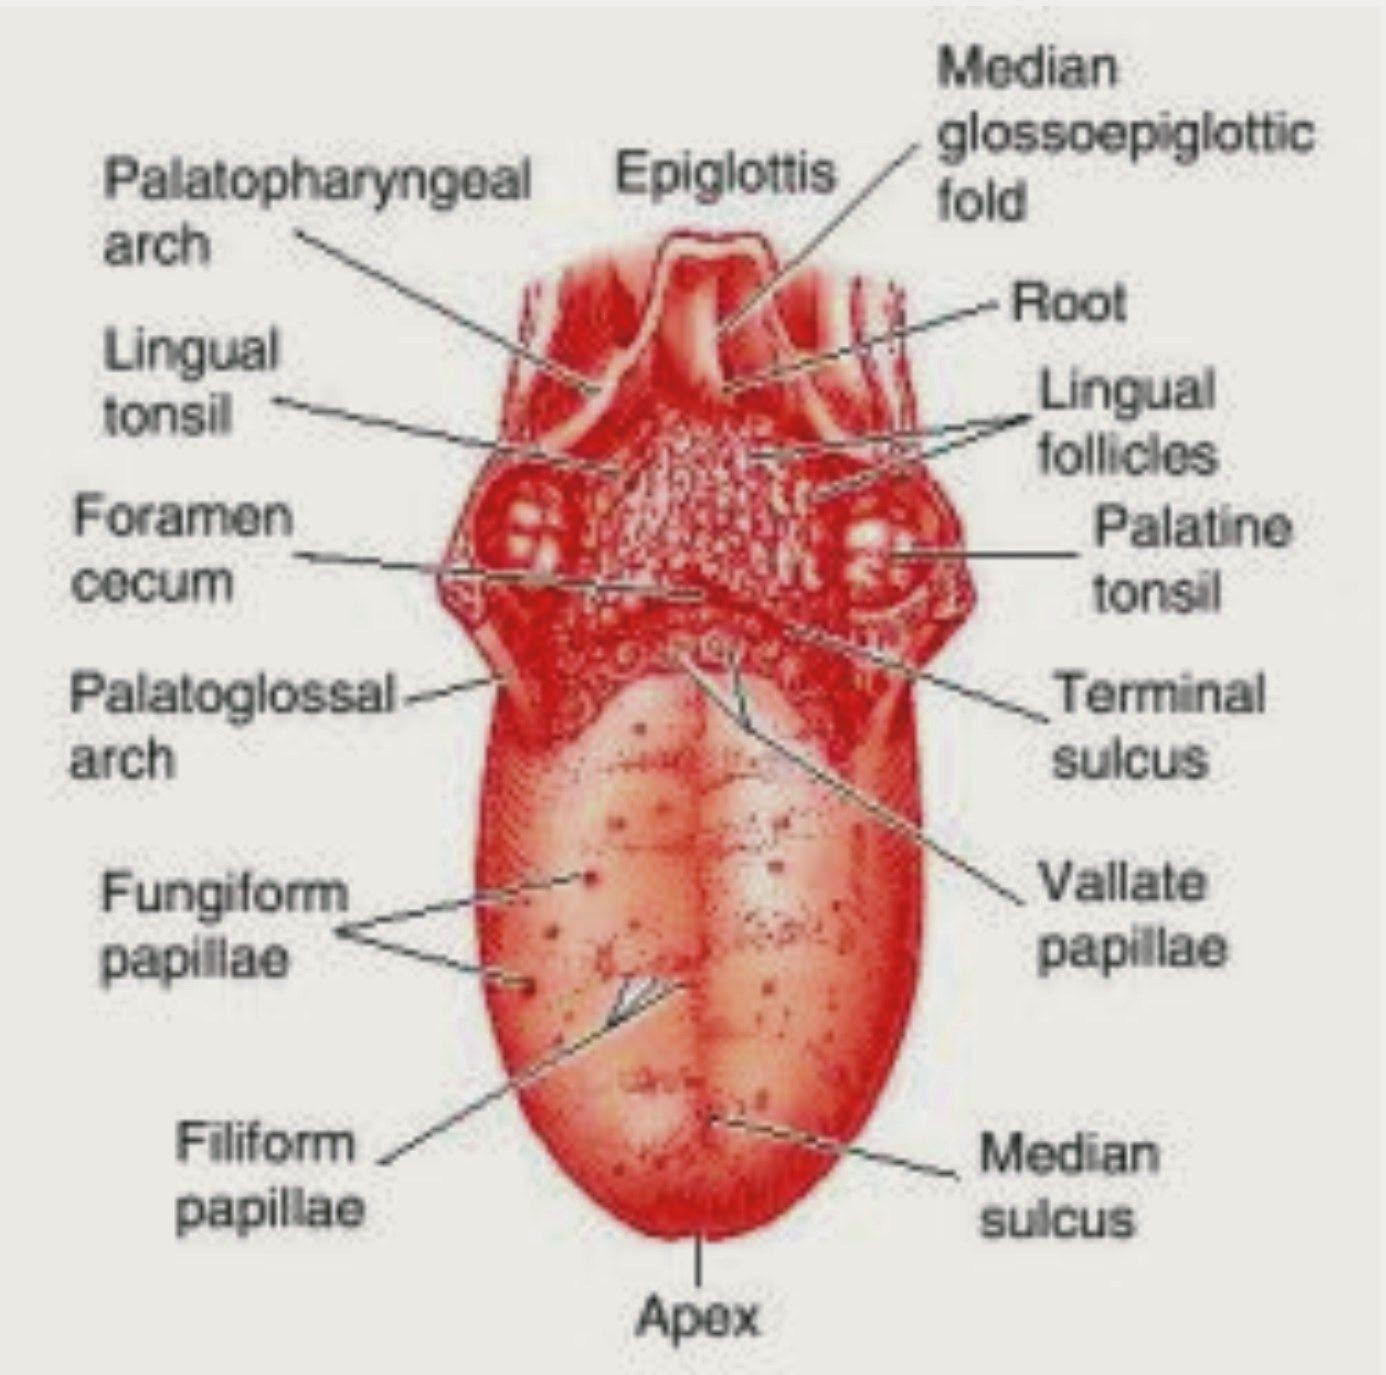 Vallate Papillae Swollen